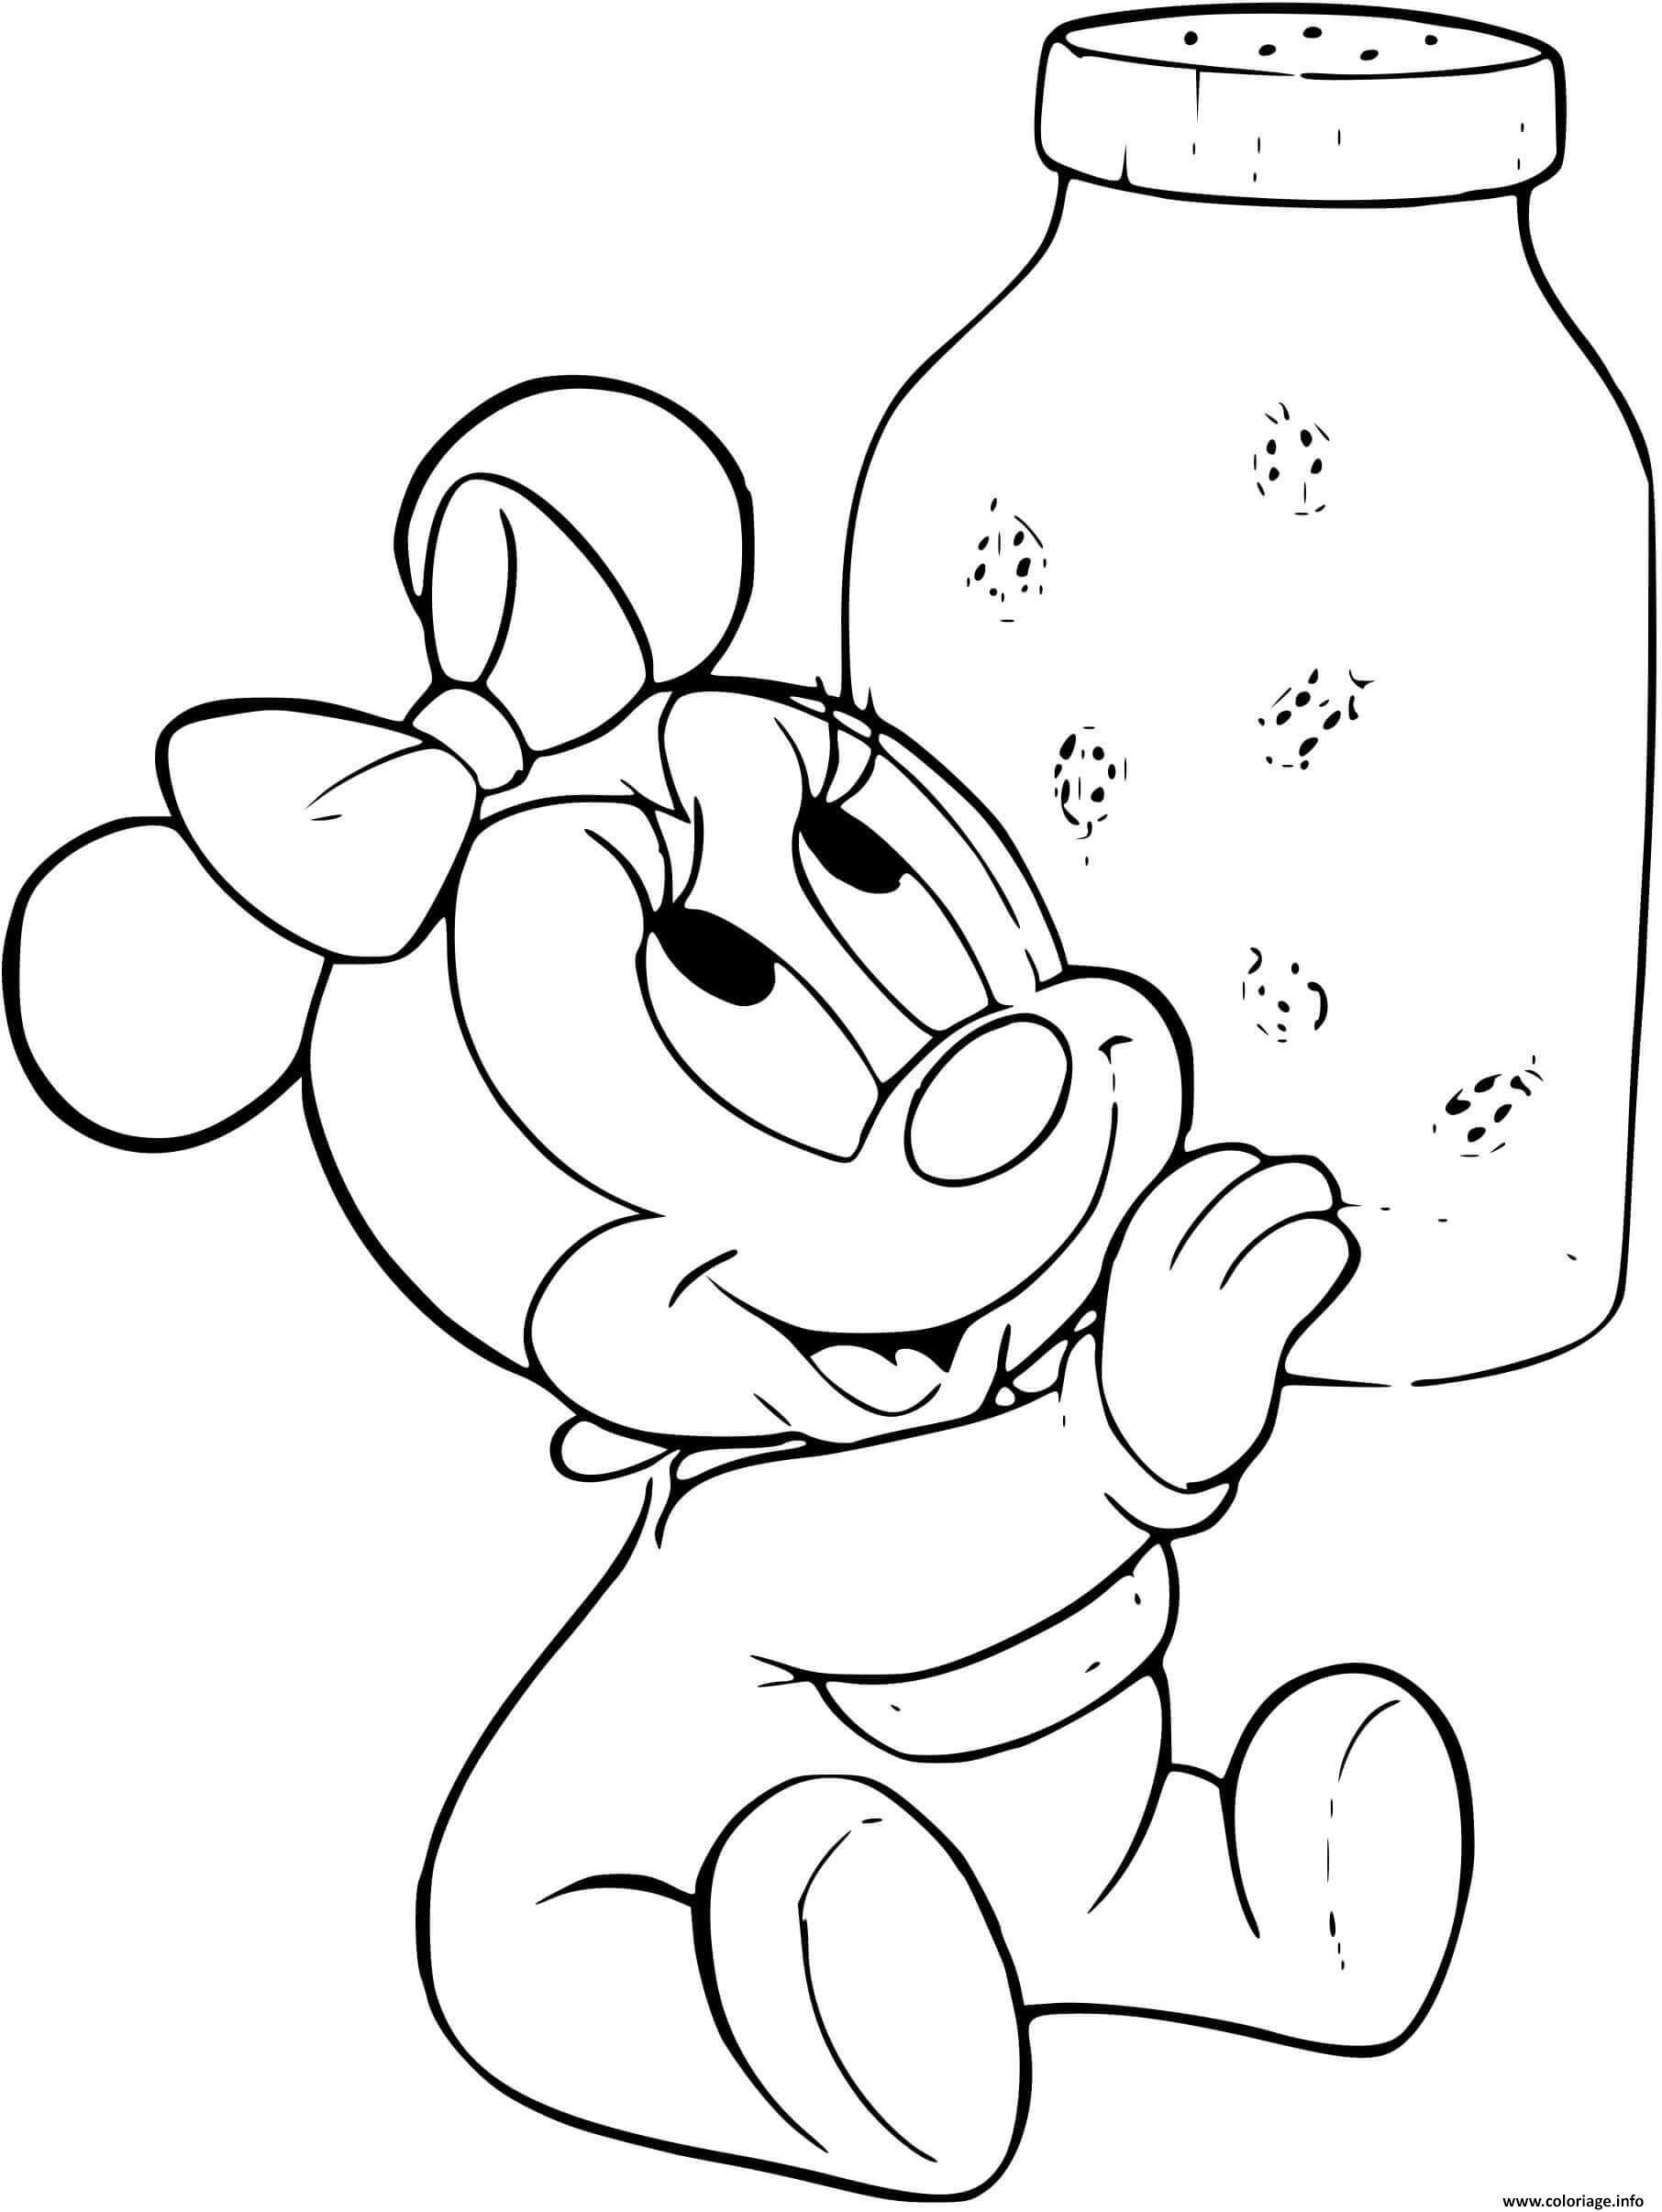 Coloriage Minnie Mouse Joue Jecolorie Com